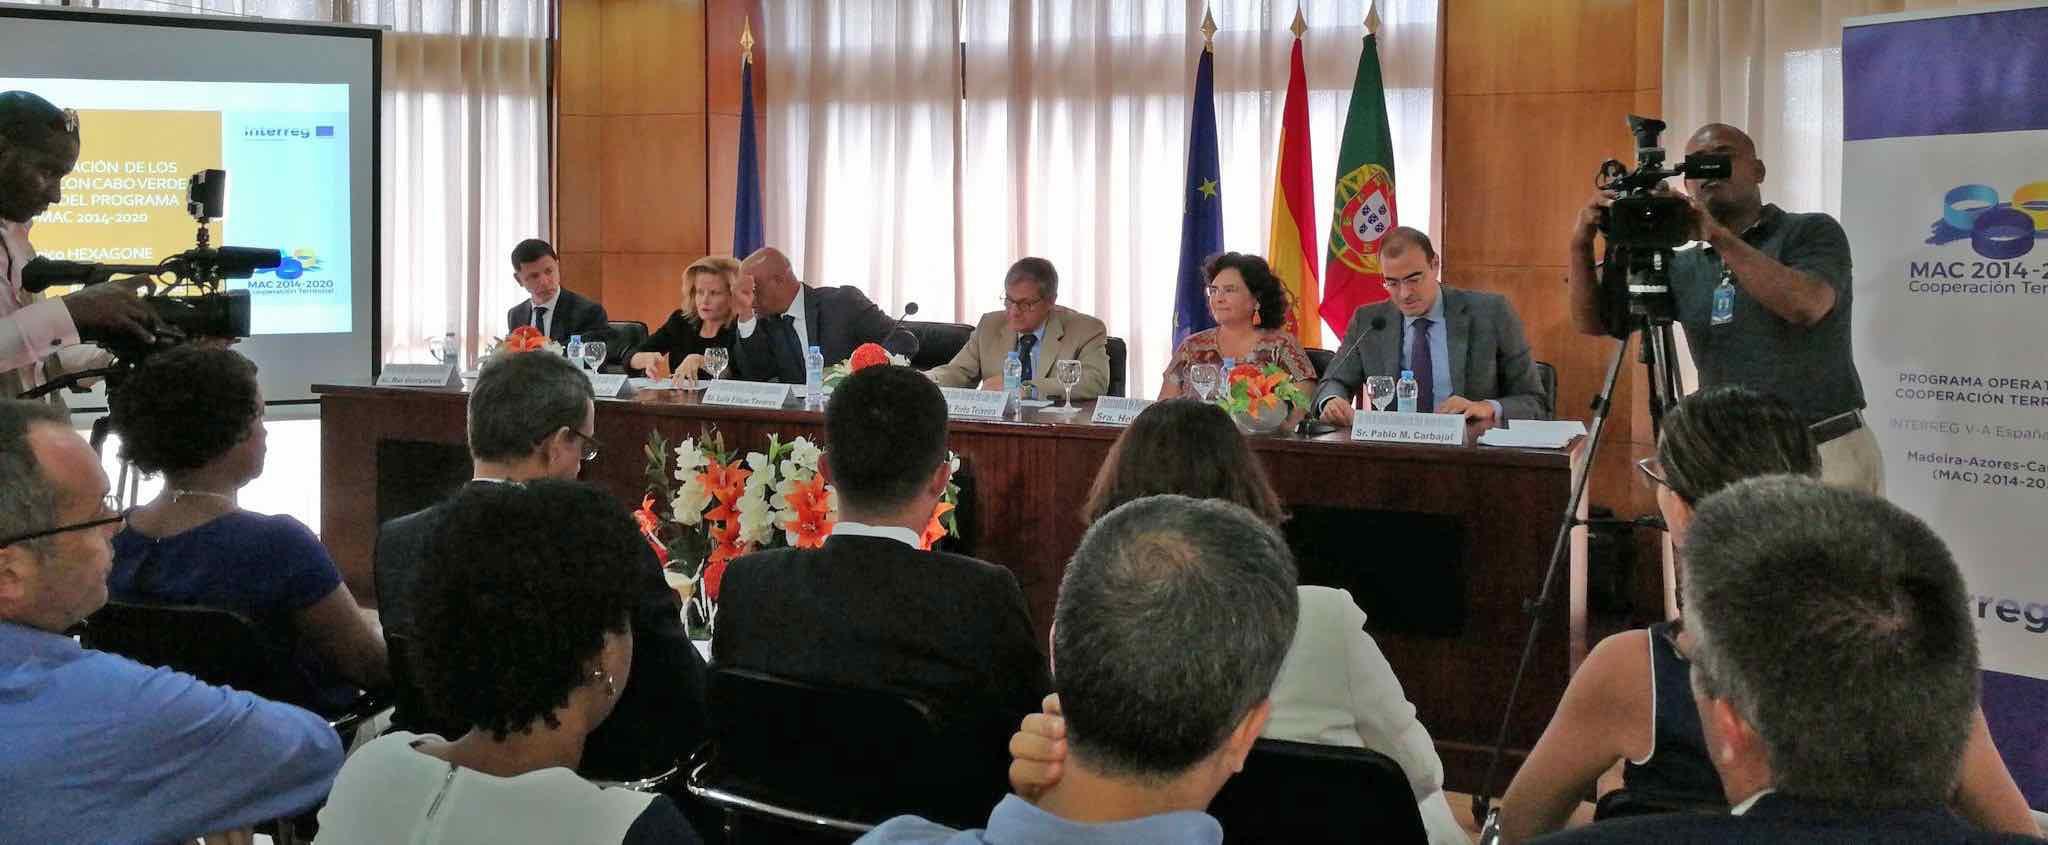 Interreg Mac acuerda una segunda convocatoria de proyectos por 63,8 millones